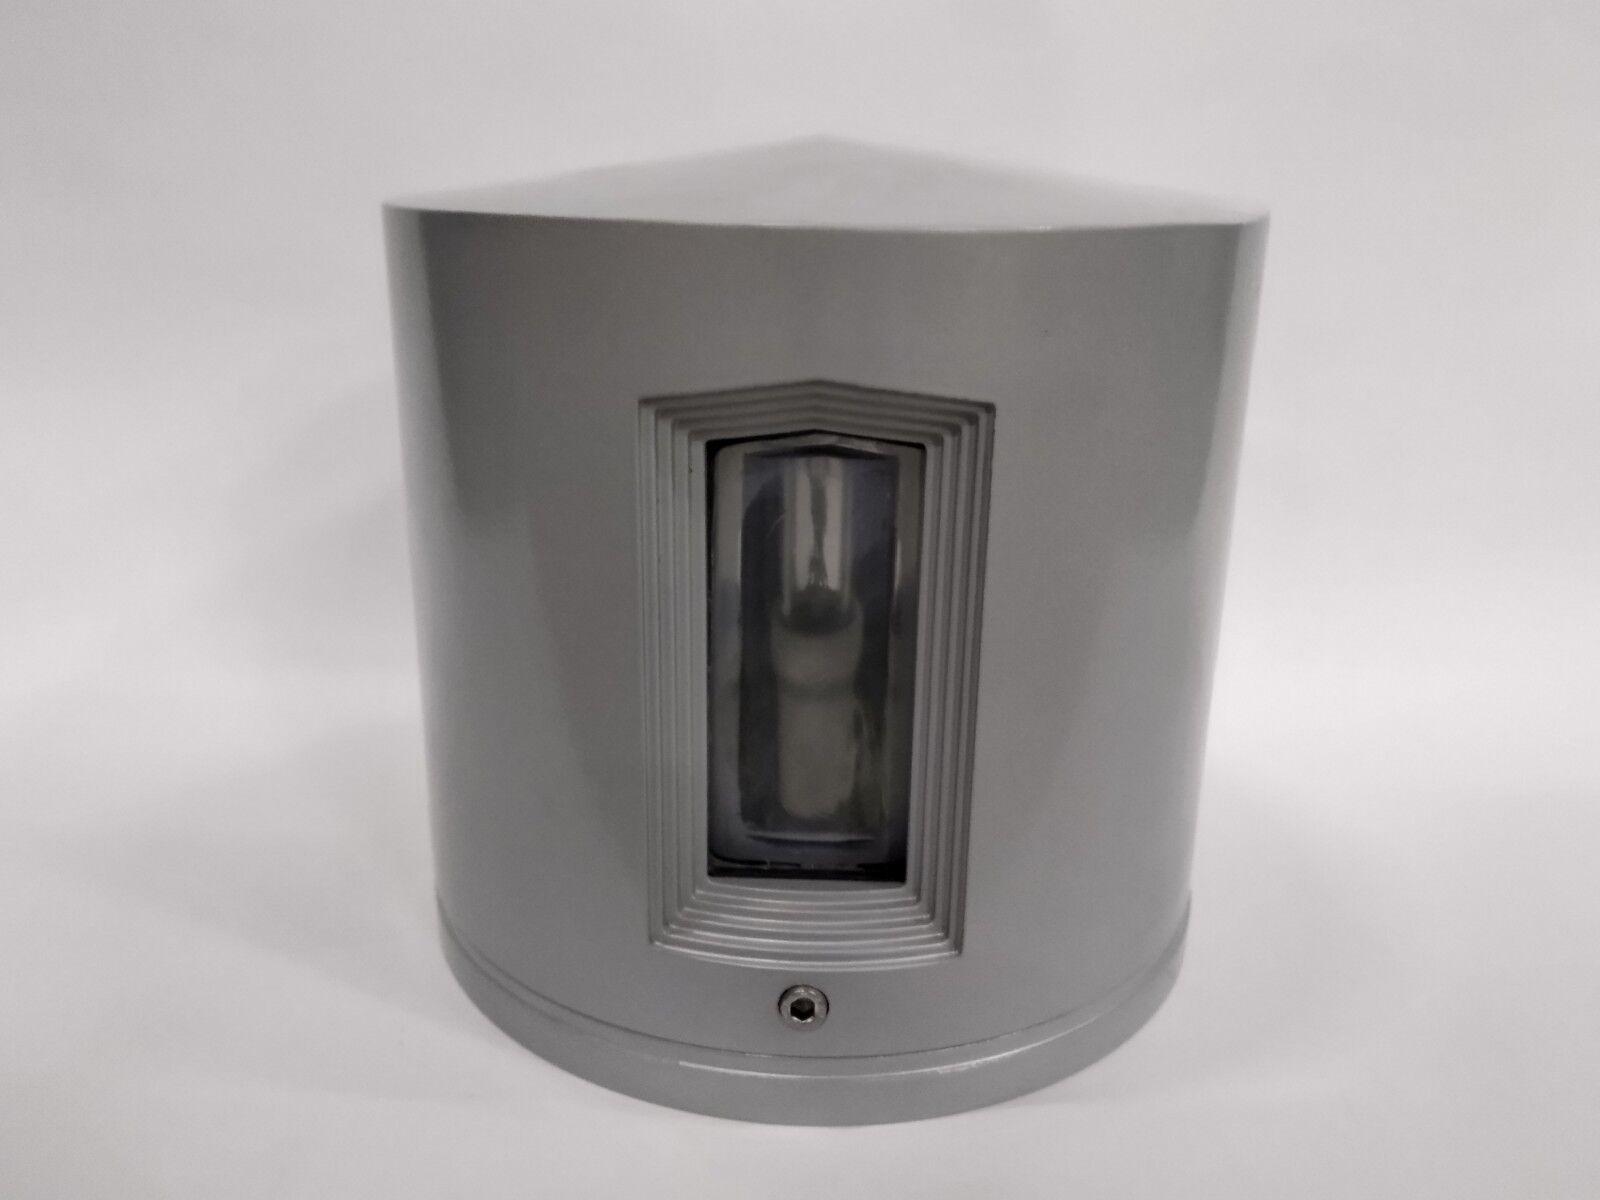 Applique blitz simes s4082.14 in alluminio e vetro e27 e27 e27 100w